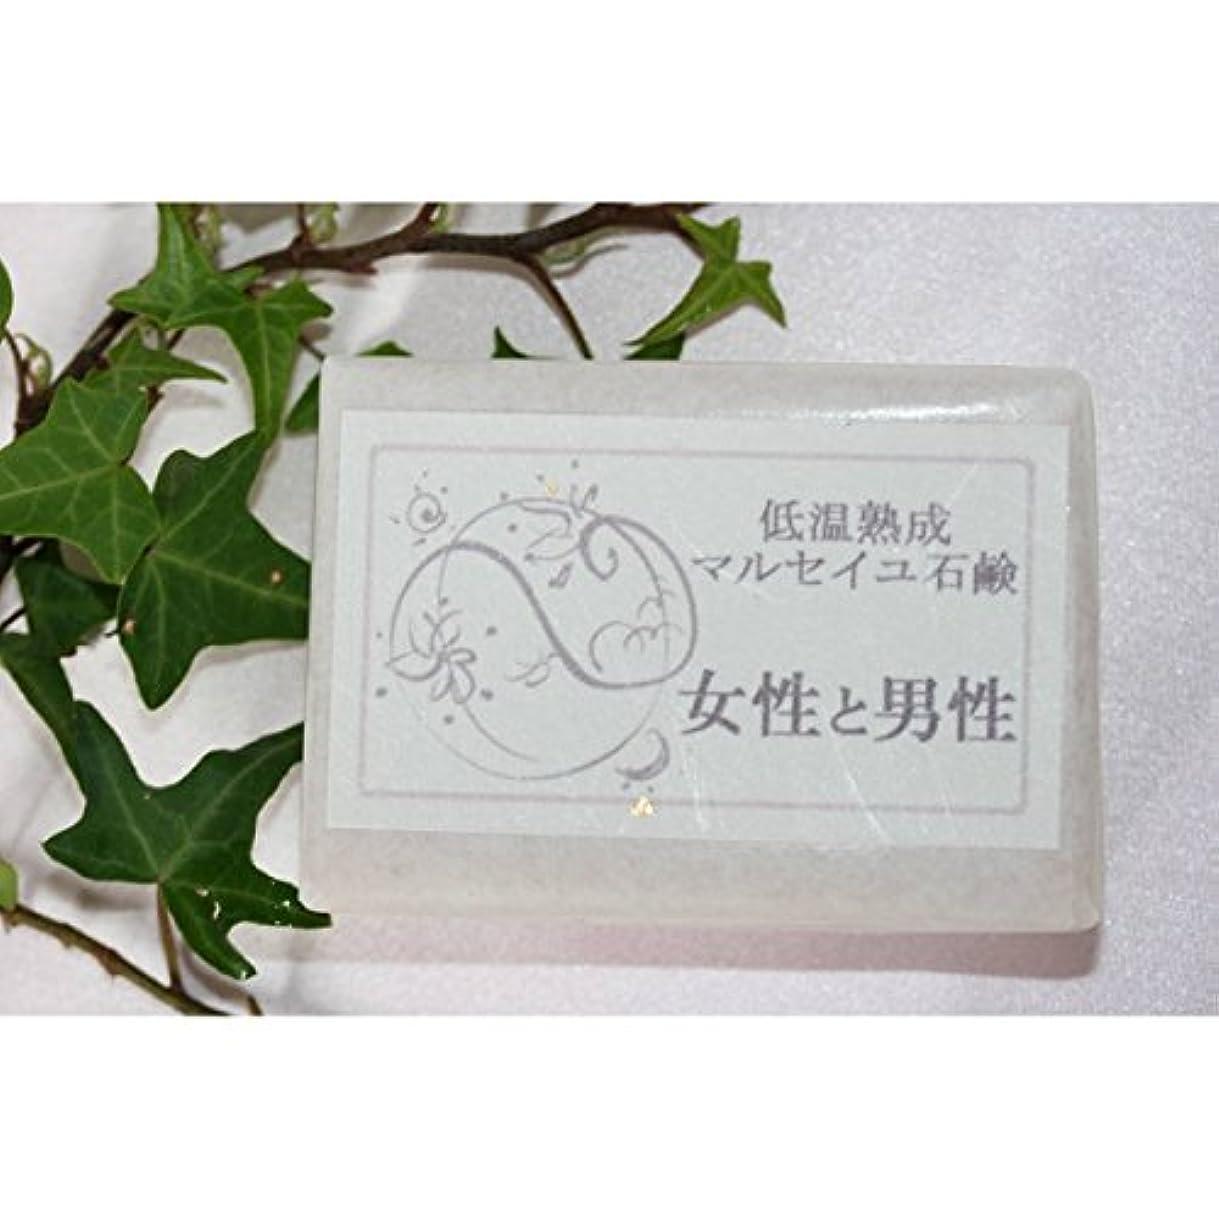 草指紋恥ずかしさマウントフジ フラワーエッセンス 低温熟成 マルセイユ石鹸 「女性と男性」 (MTFUJI FLOWER ESSENCES)